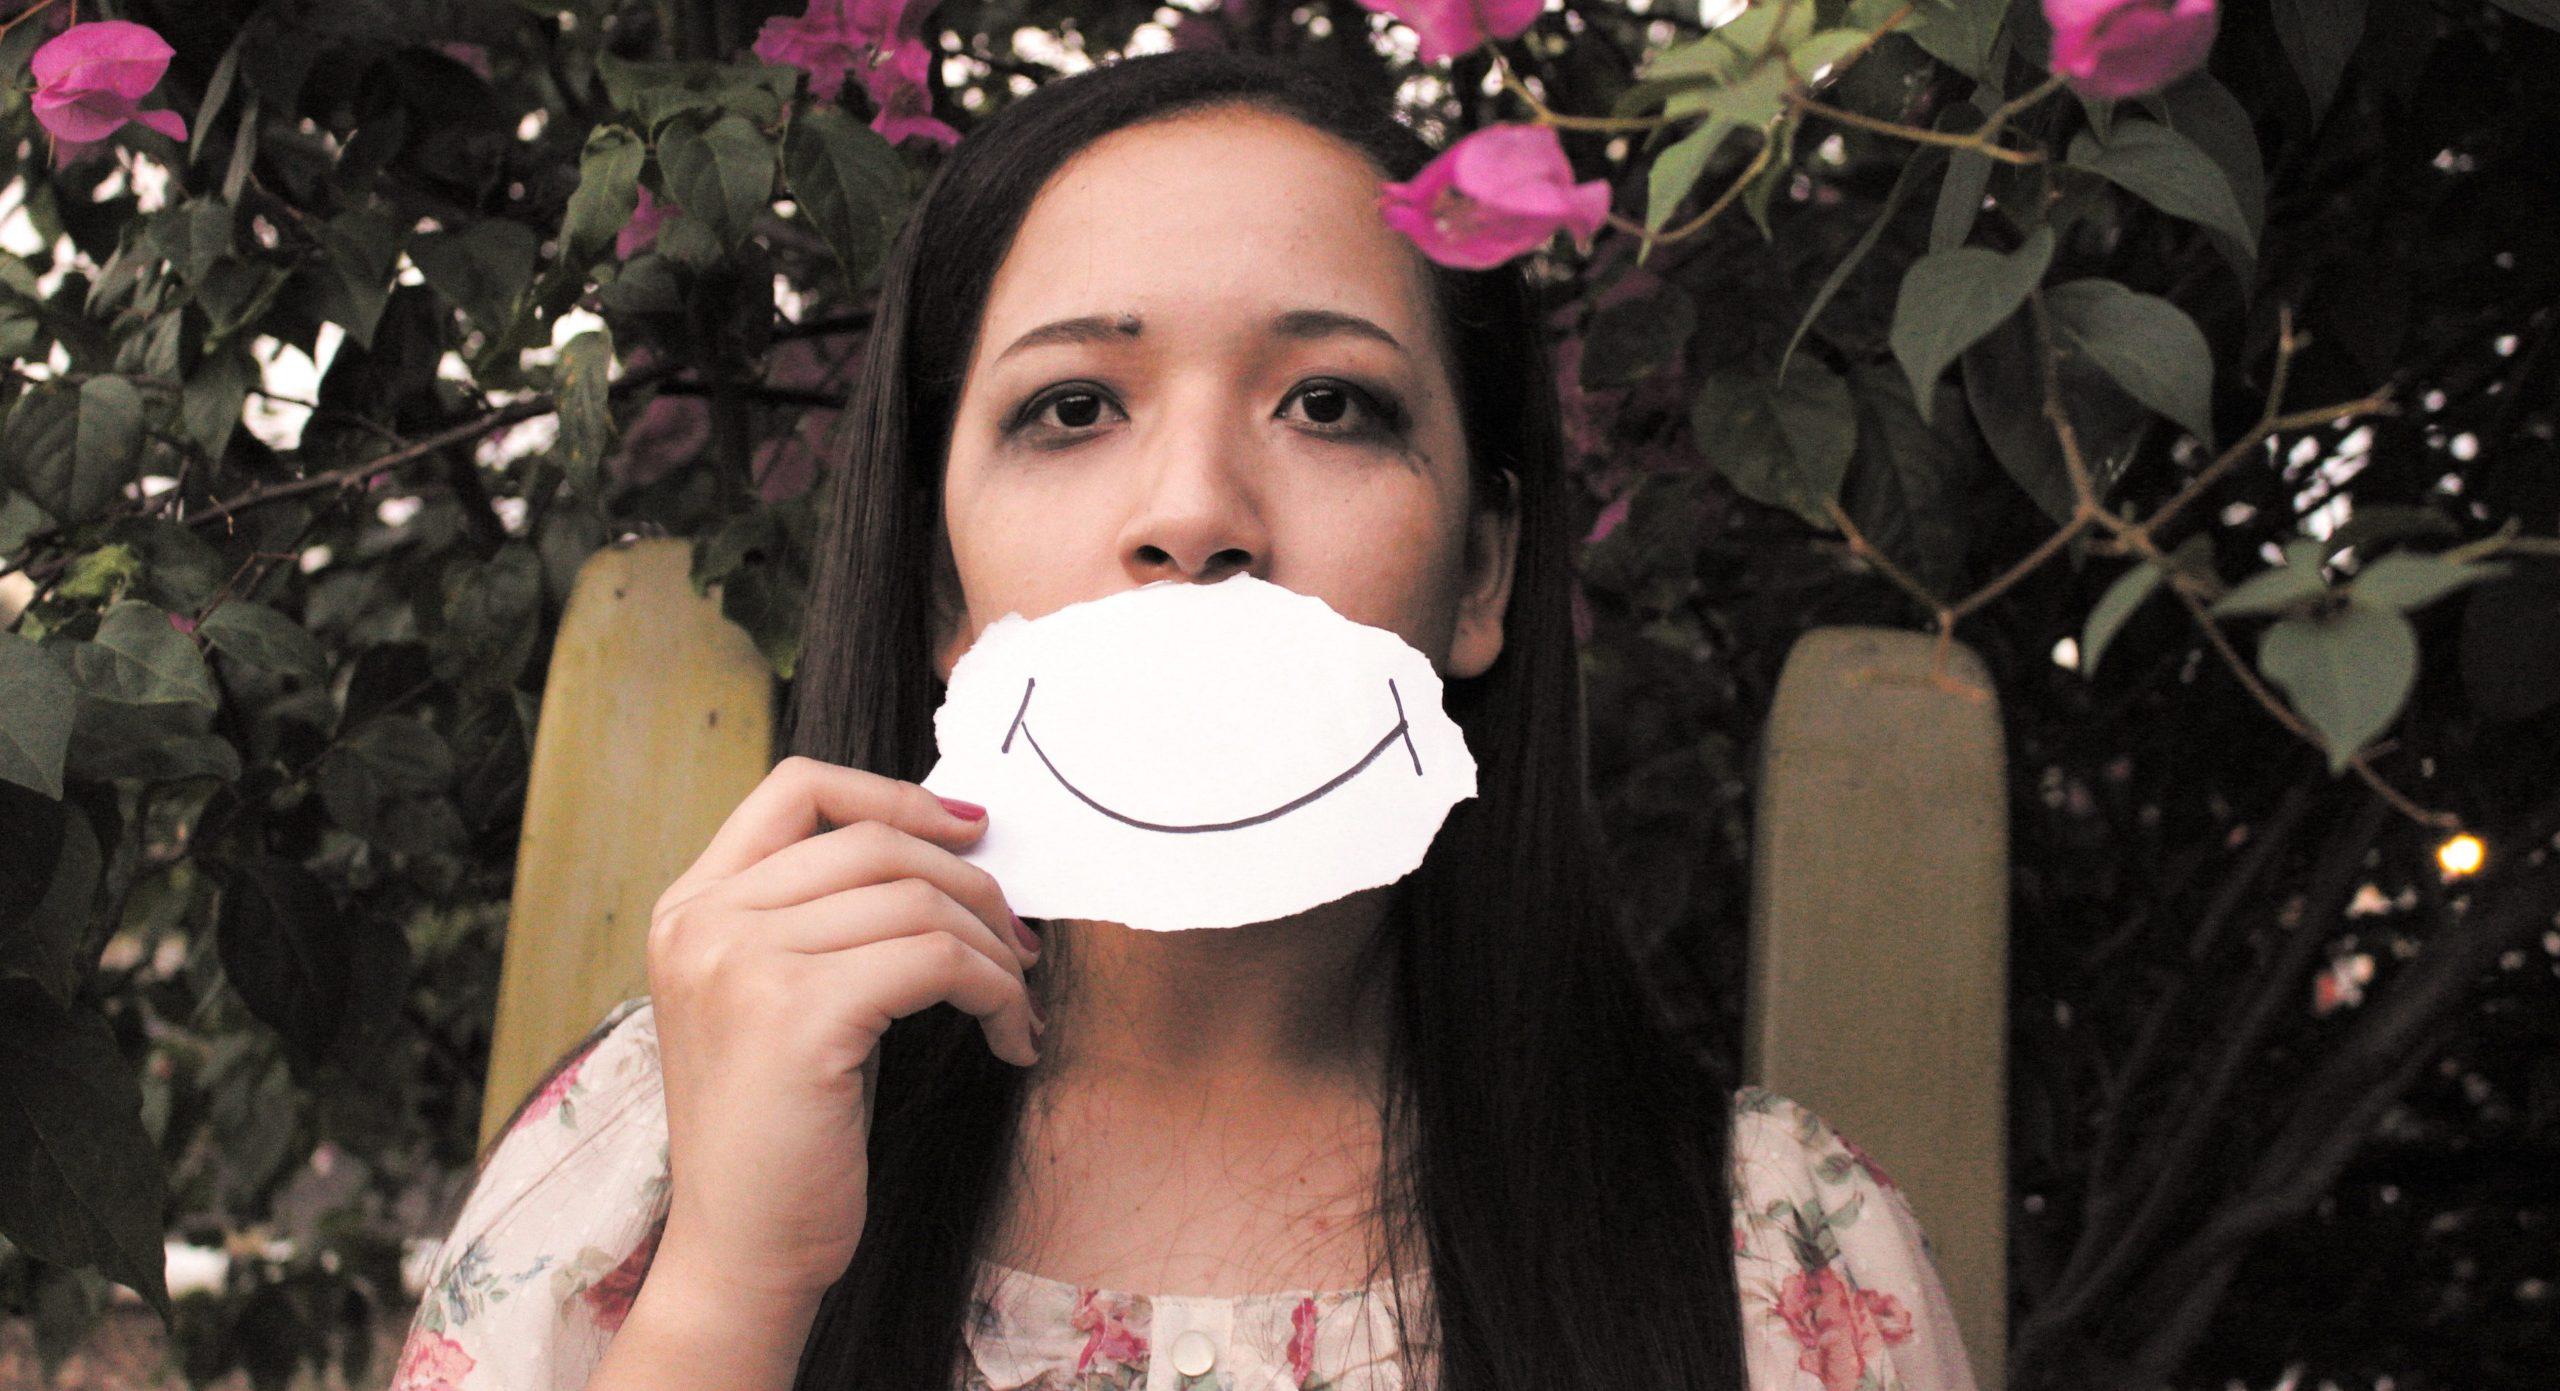 Kvinde holder tegning af et smil foran ansigtet